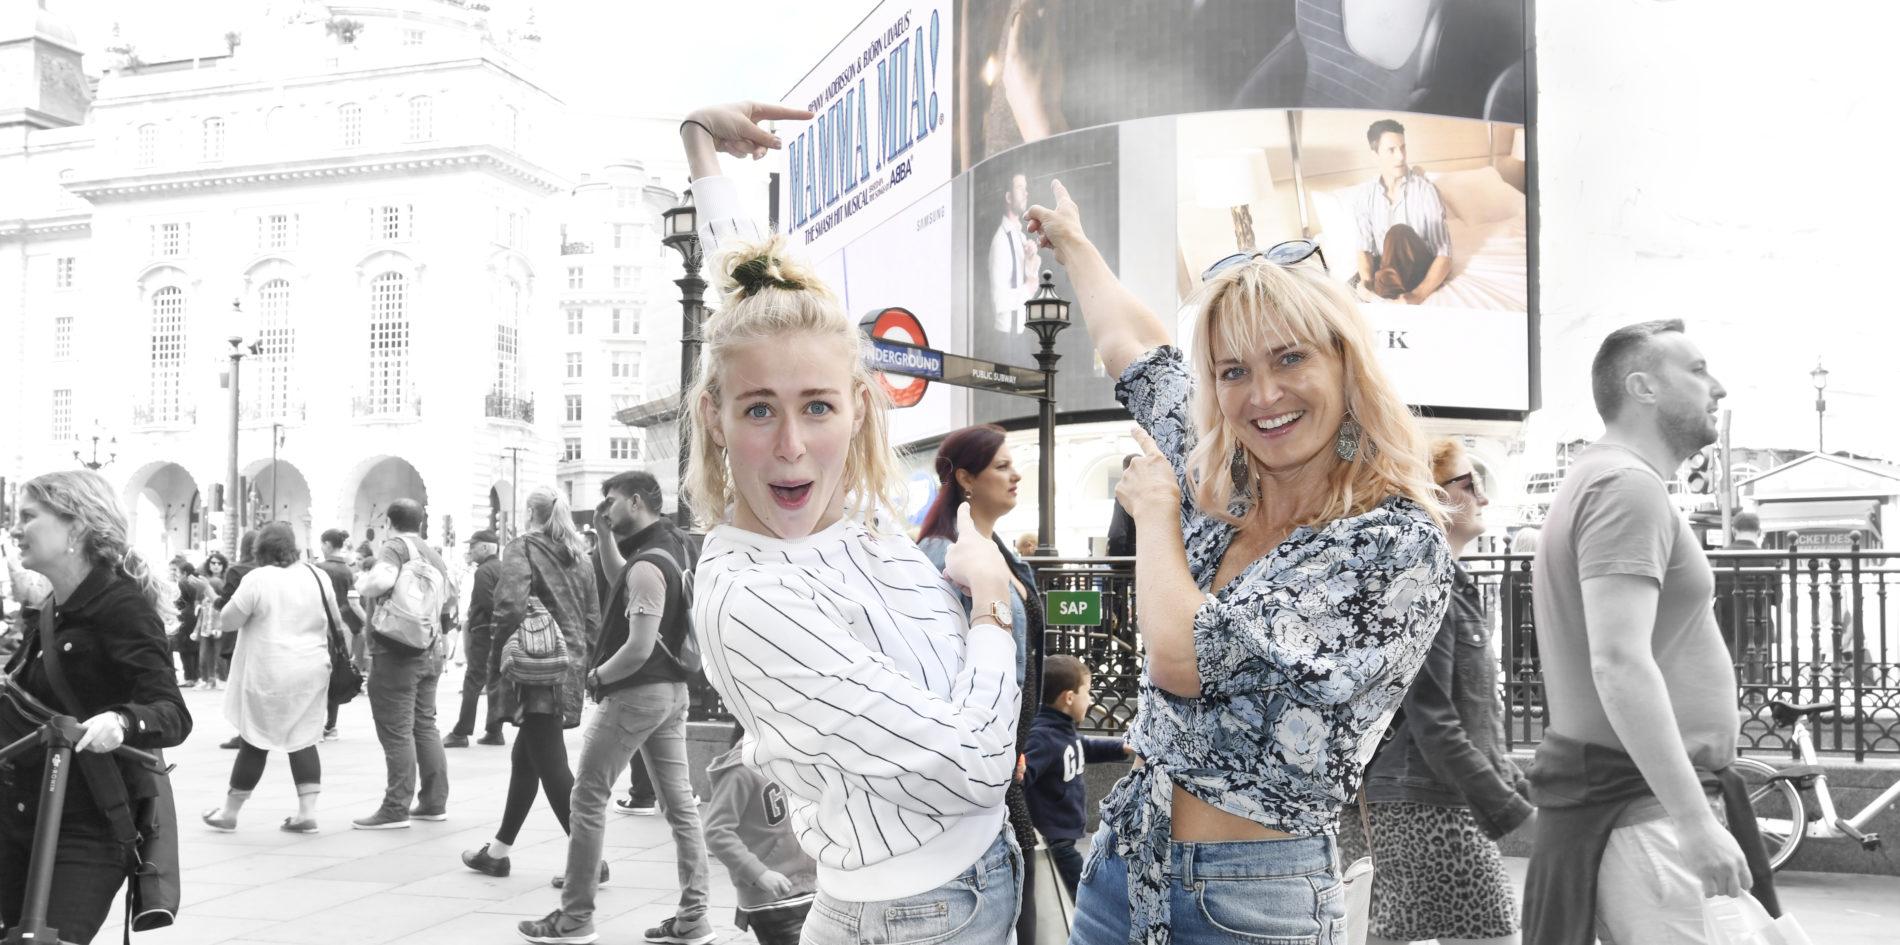 Mamma Mia Annette Heick og Zeuner 2019 london tur